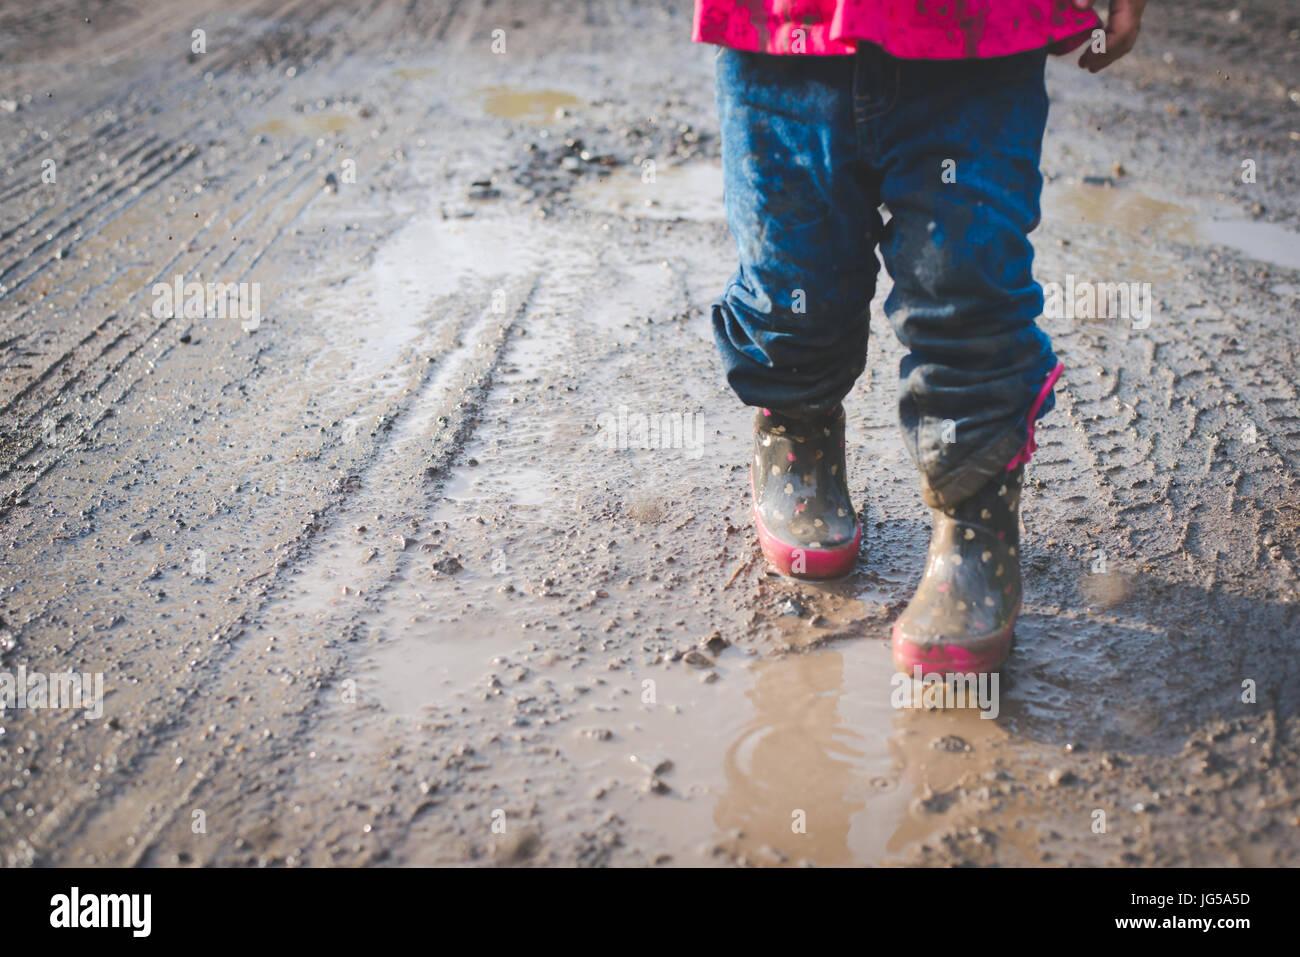 Un enfant marche dans la boue le long d'une route de campagne en Pennsylvanie. Photo Stock